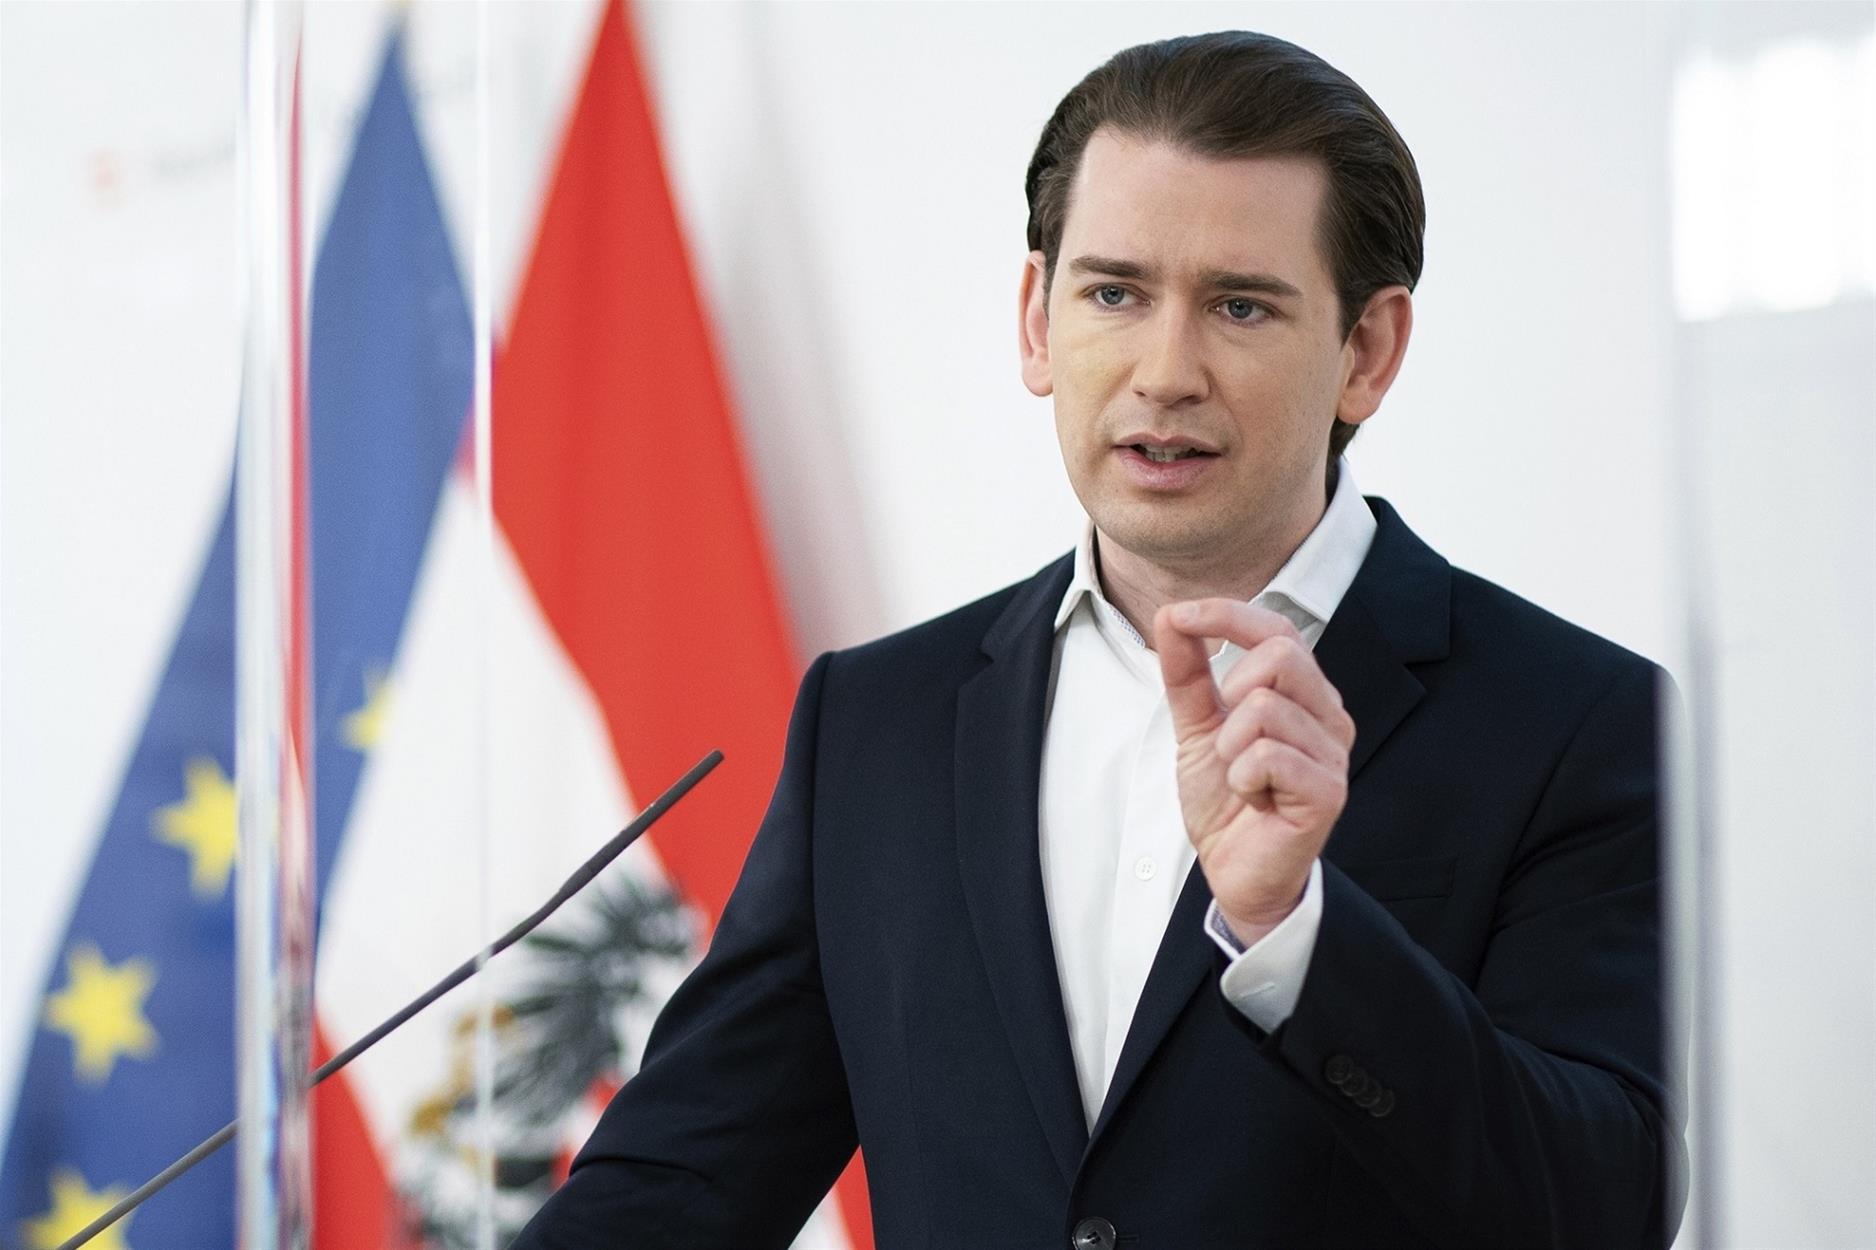 Σκάνδαλο διαφθοράς στην Αυστρία